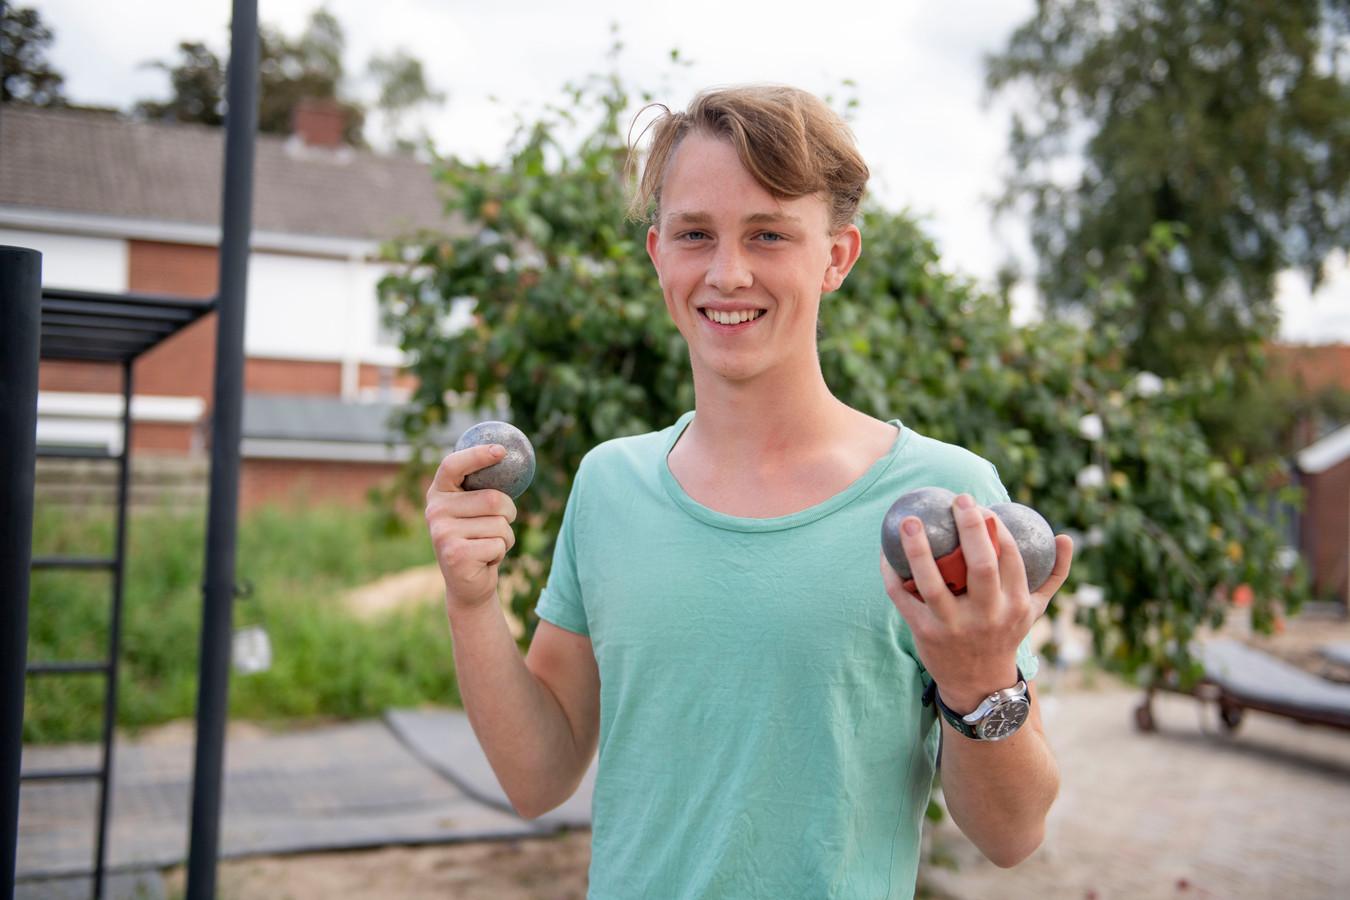 Koen Wentink (17) is Europees kampioen pétanque geworden. Pikte de sport op in Schiedam, waar het onder jongeren vrij populair is. Hier in Twente een stuk minder. Is lid van Almelose vereniging Toss.